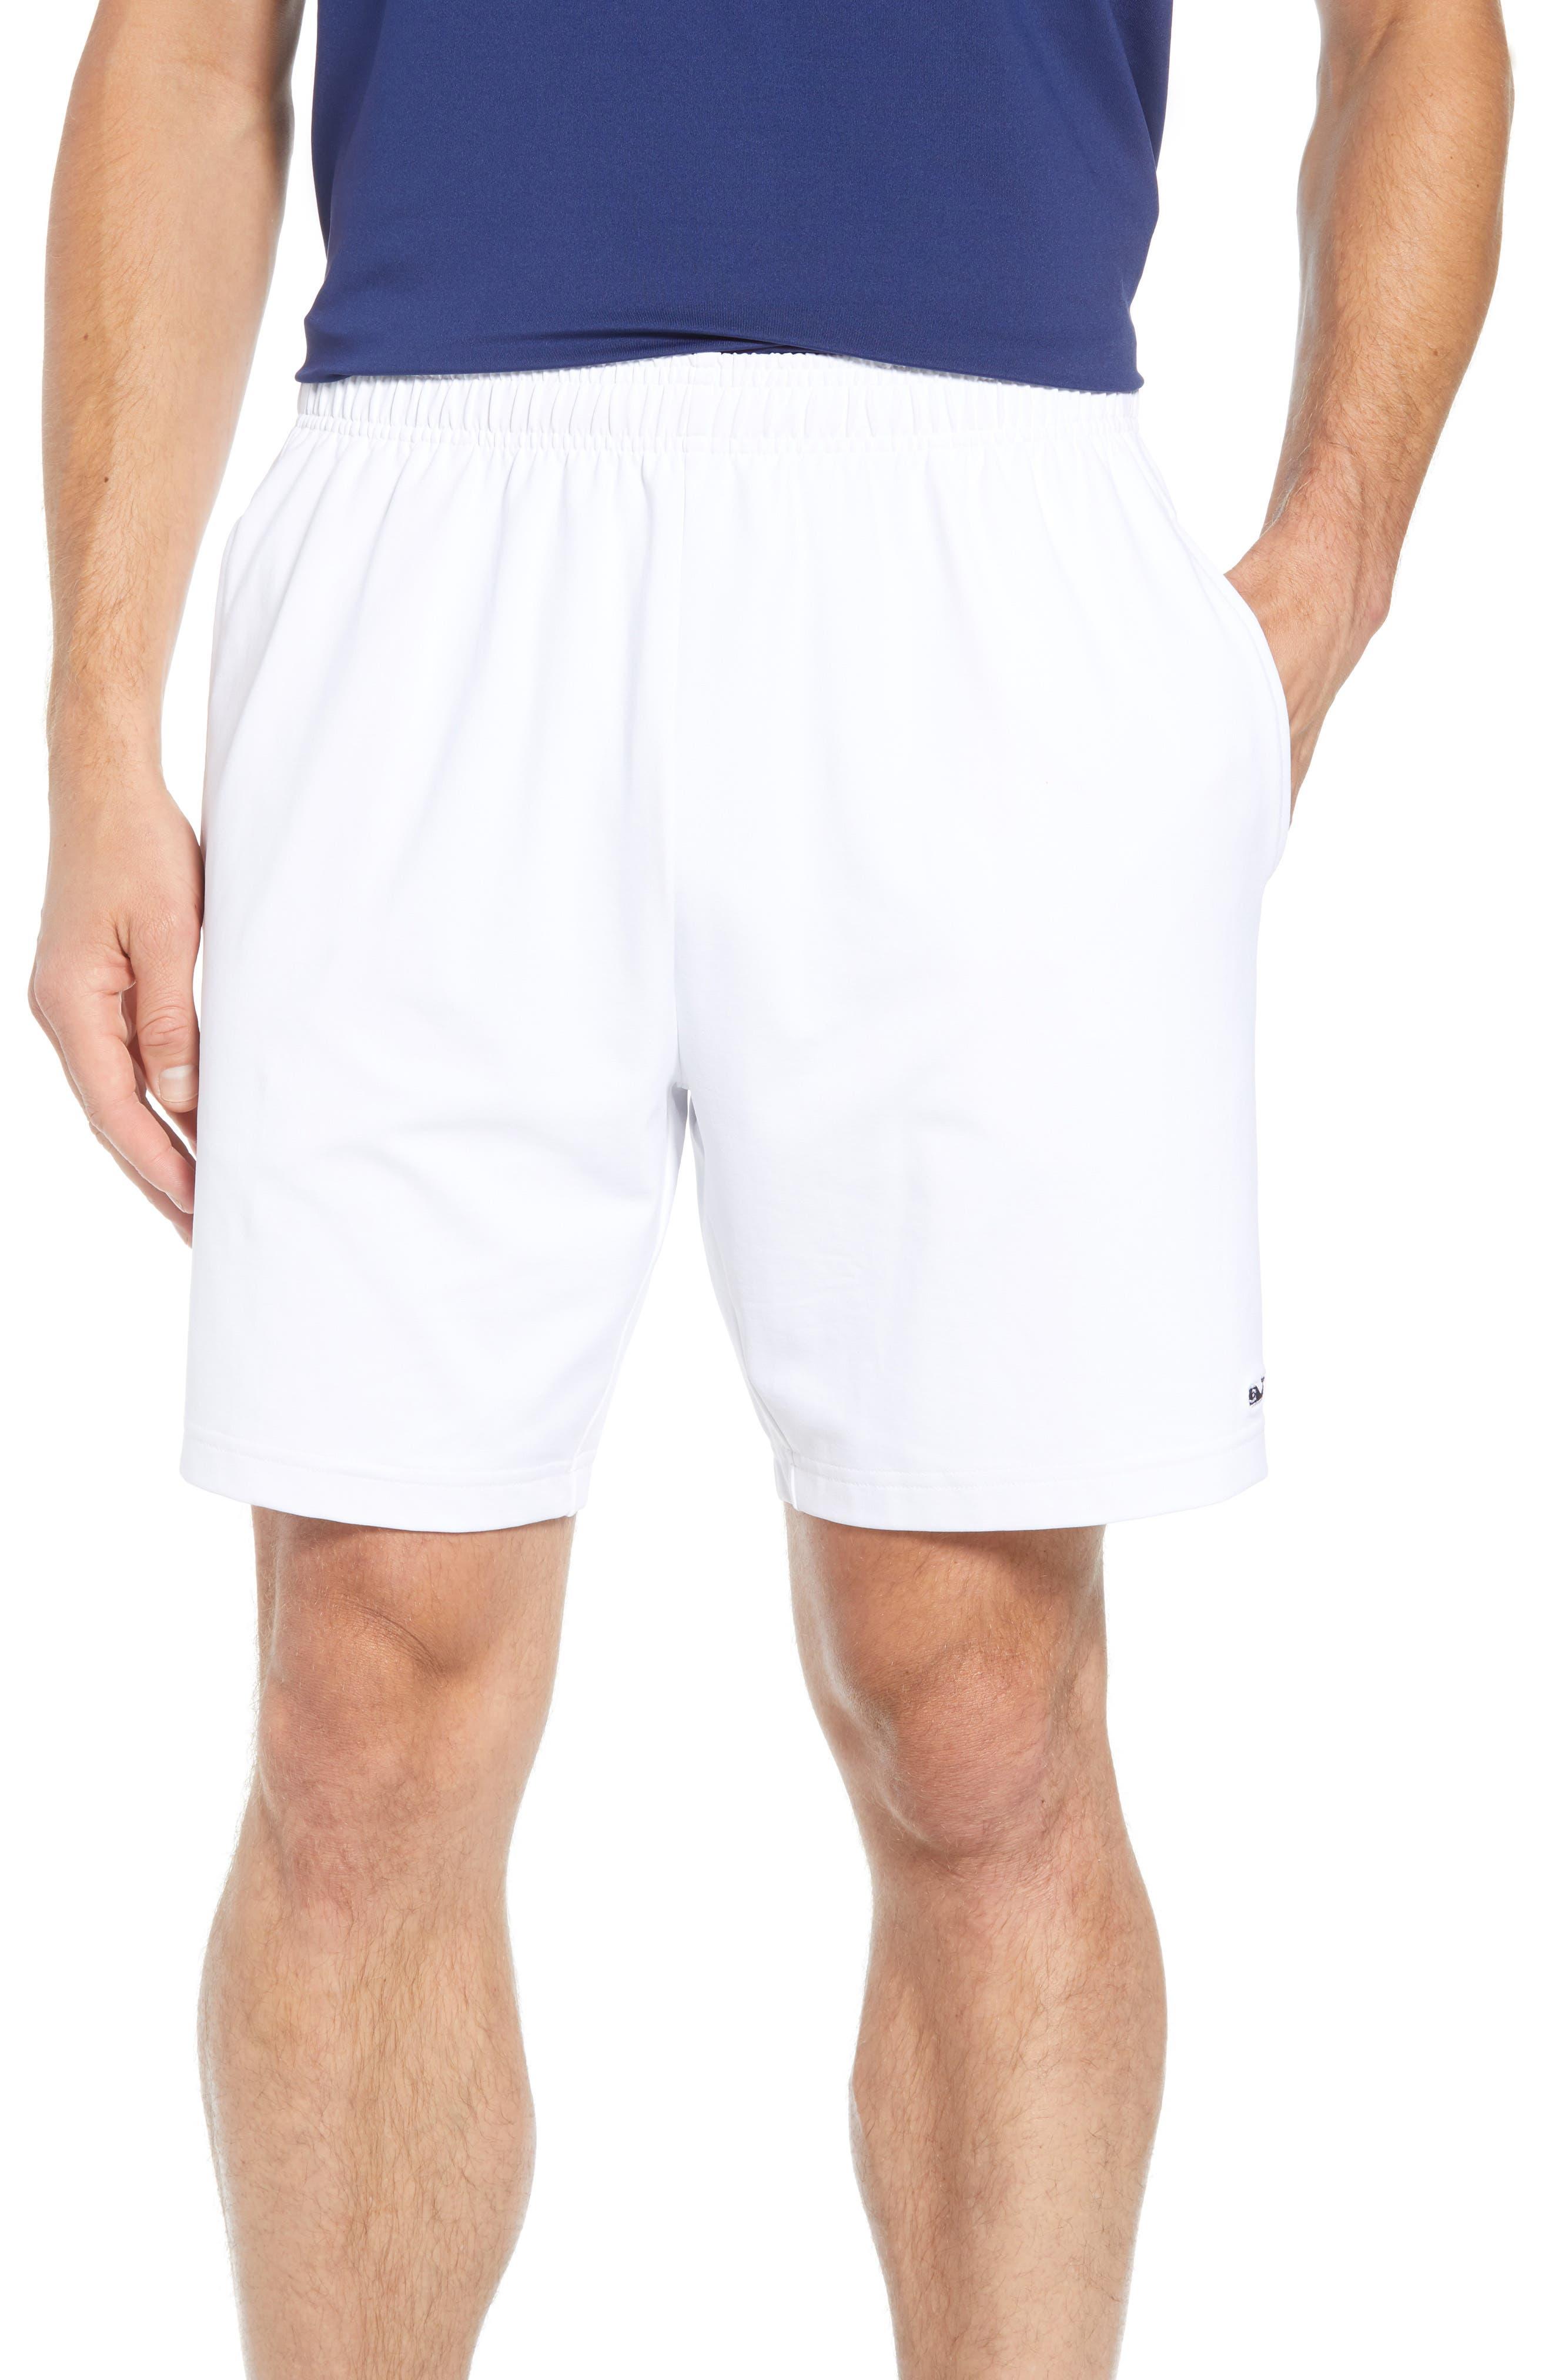 Active Tennis Shorts,                             Main thumbnail 1, color,                             100